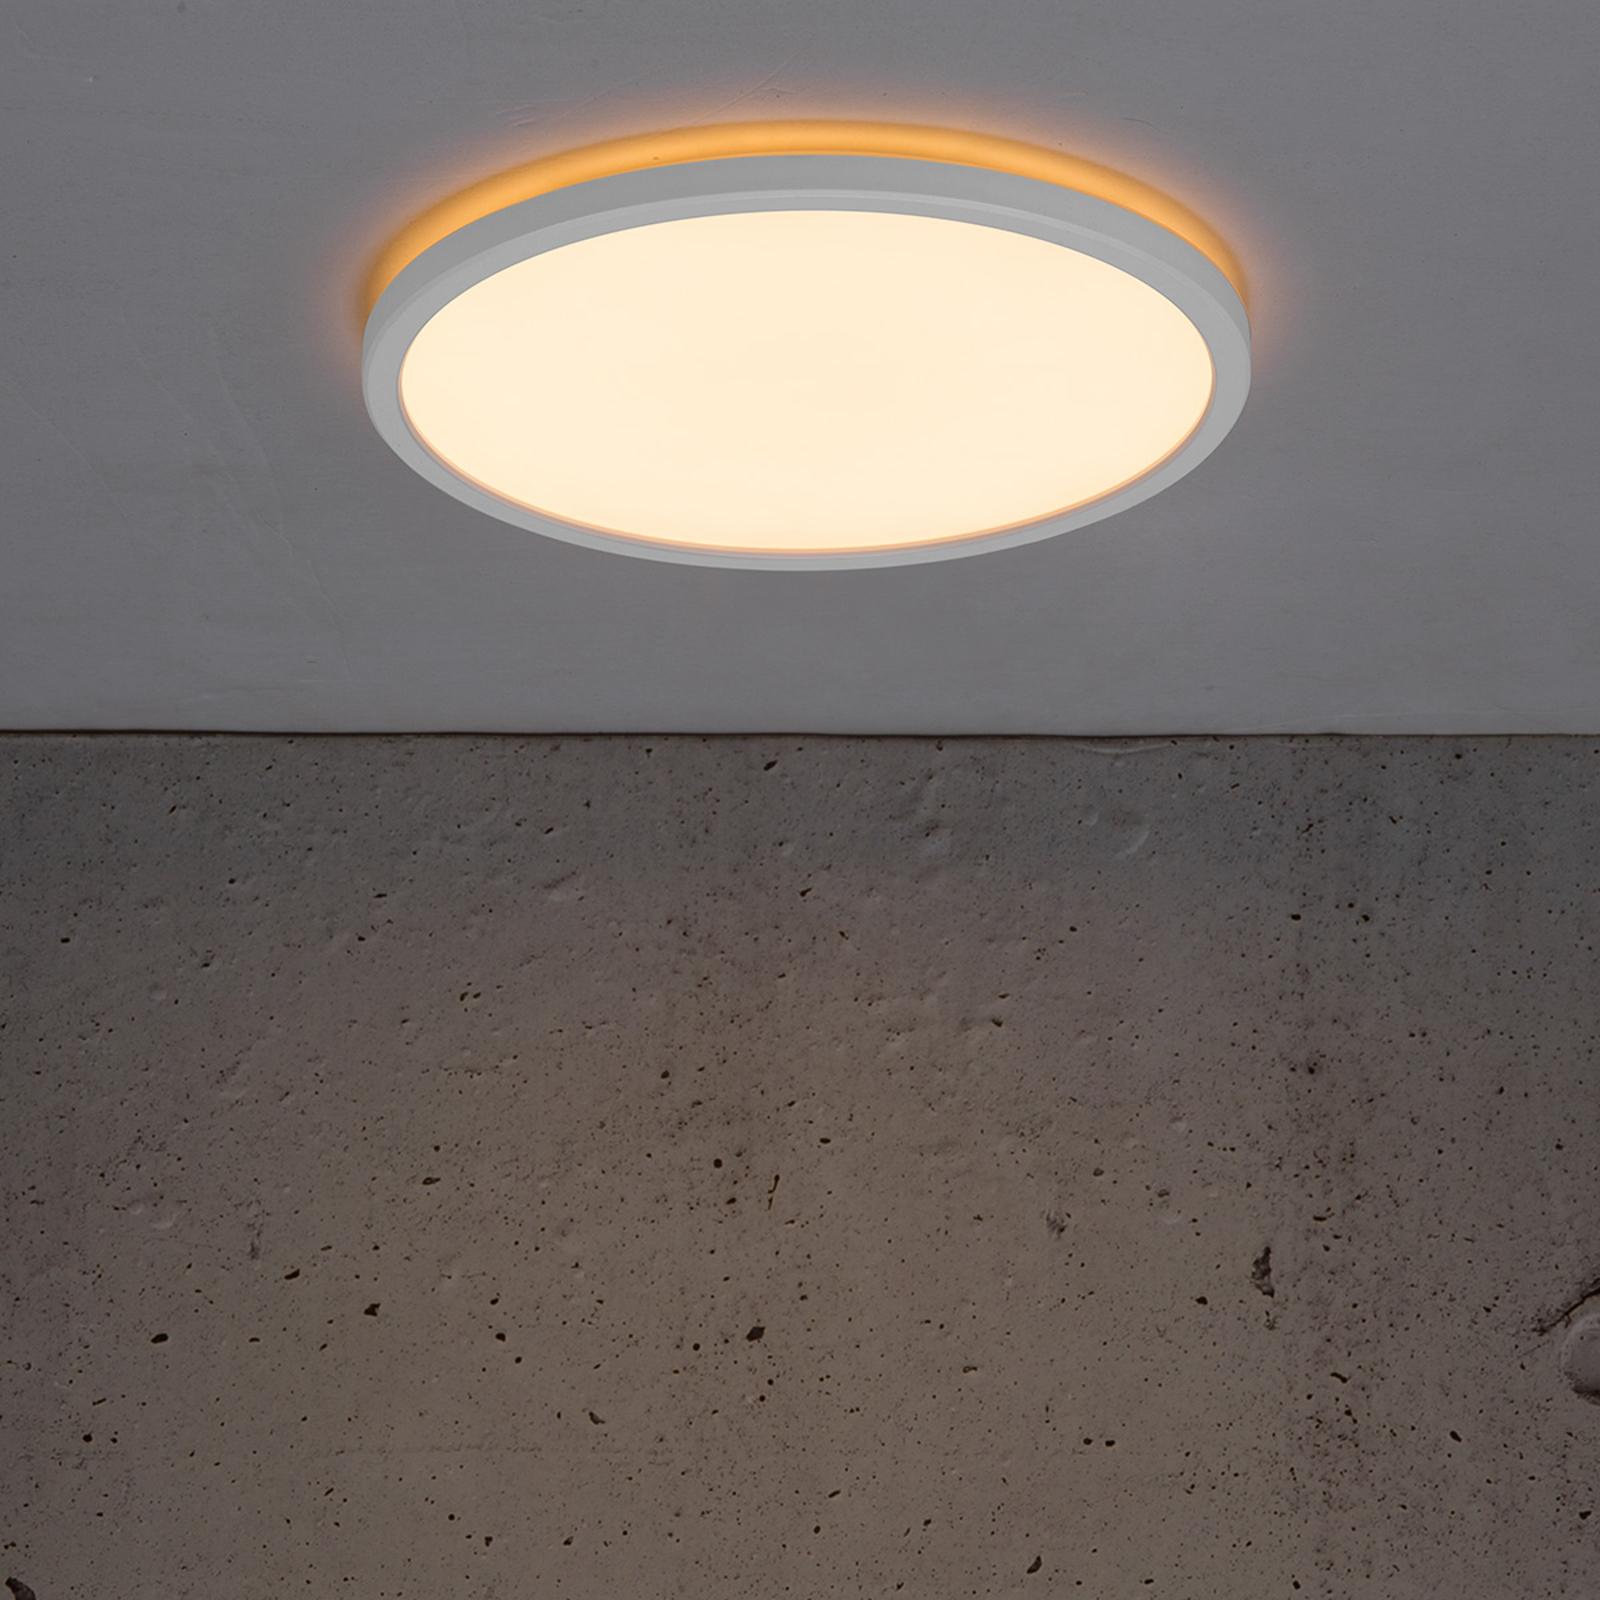 LED Deckenleuchte Bronx 2.700 K, Ø 29 cm